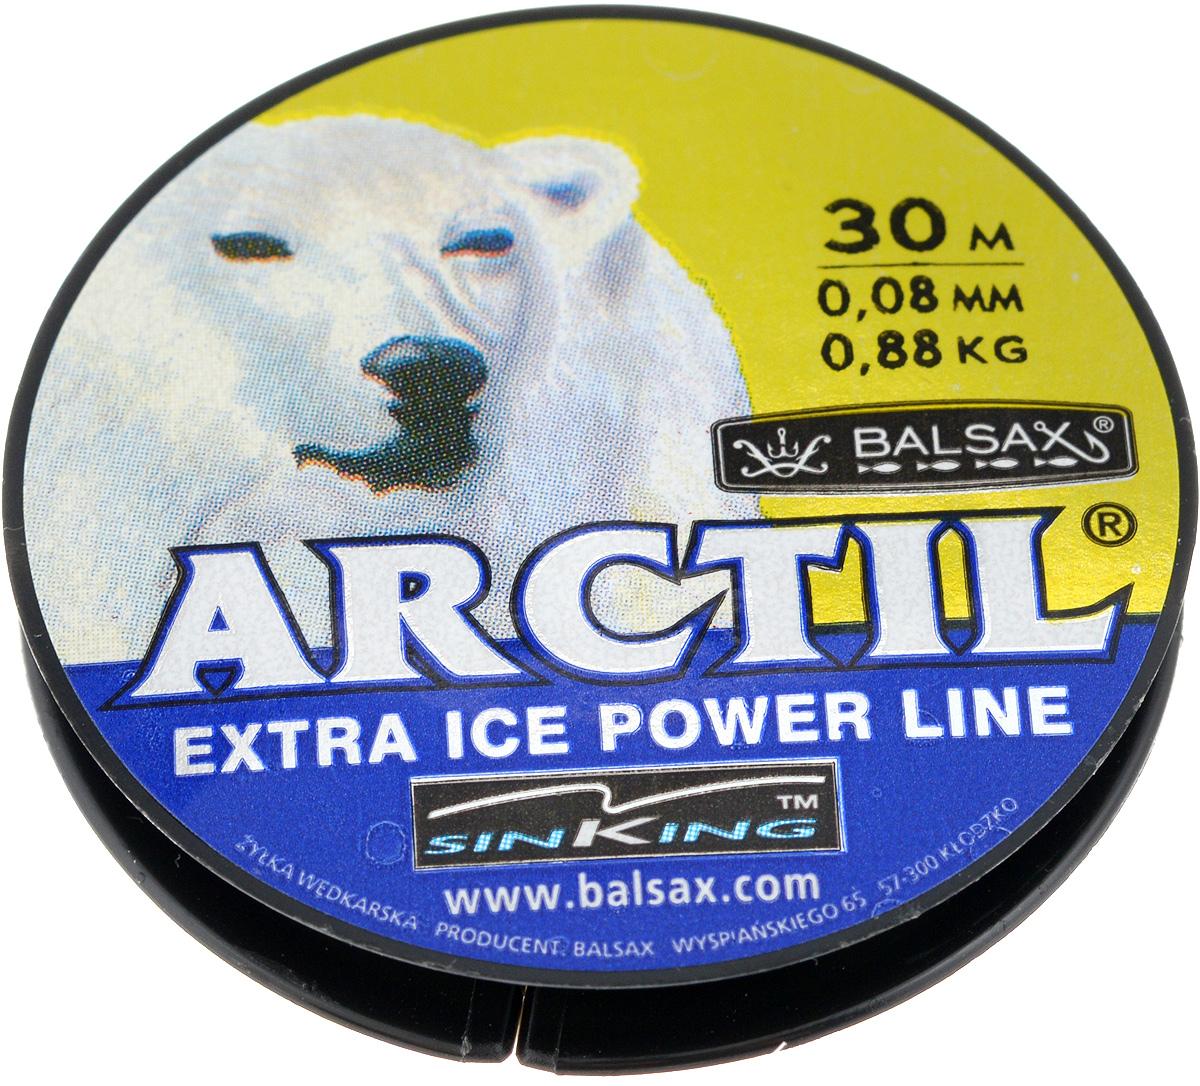 Леска зимняя Balsax Arctil, 30 м, 0,08 мм, 0,88 кг312-07008Леска Balsax Arctil изготовлена из 100% нейлона и очень хорошо выдерживает низкие температуры. Даже в самом холодном климате, при температуре вплоть до -40°C, она сохраняет свои свойства практически без изменений, в то время как традиционные лески становятся менее эластичными и теряют прочность. Поверхность лески обработана таким образом, что она не обмерзает и отлично подходит для подледного лова. Прочна в местах вязки узлов даже при минимальном диаметре.